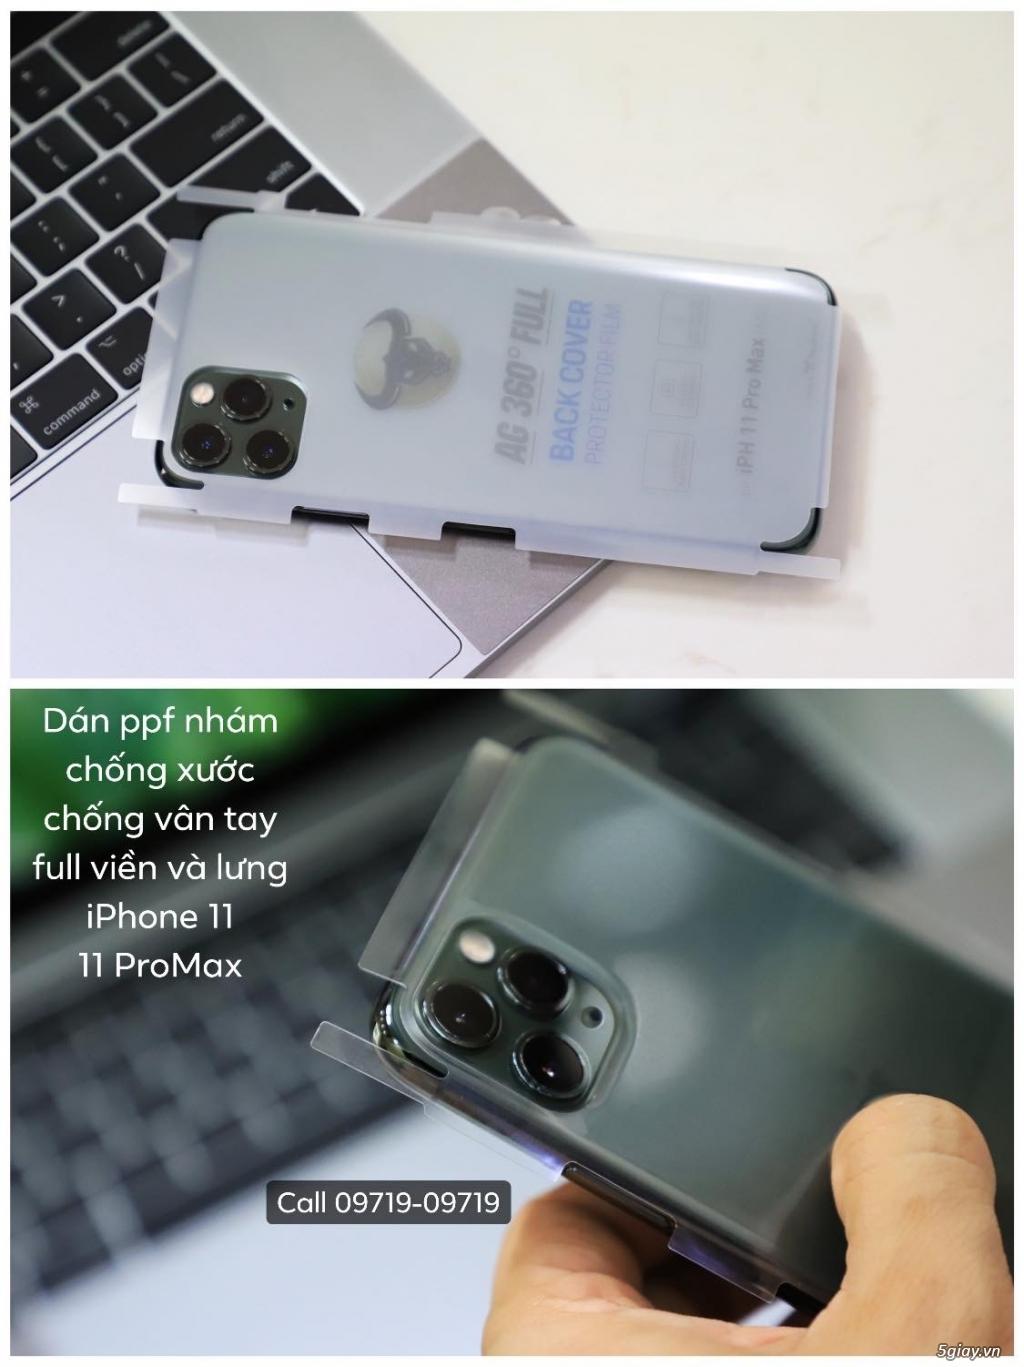 Dán PPF chống xước chống vân tay iPhone X/Xs/XsMax/XR - iPhone 11/11 ProMax .. End 22h59 -17/10/2019 - 3